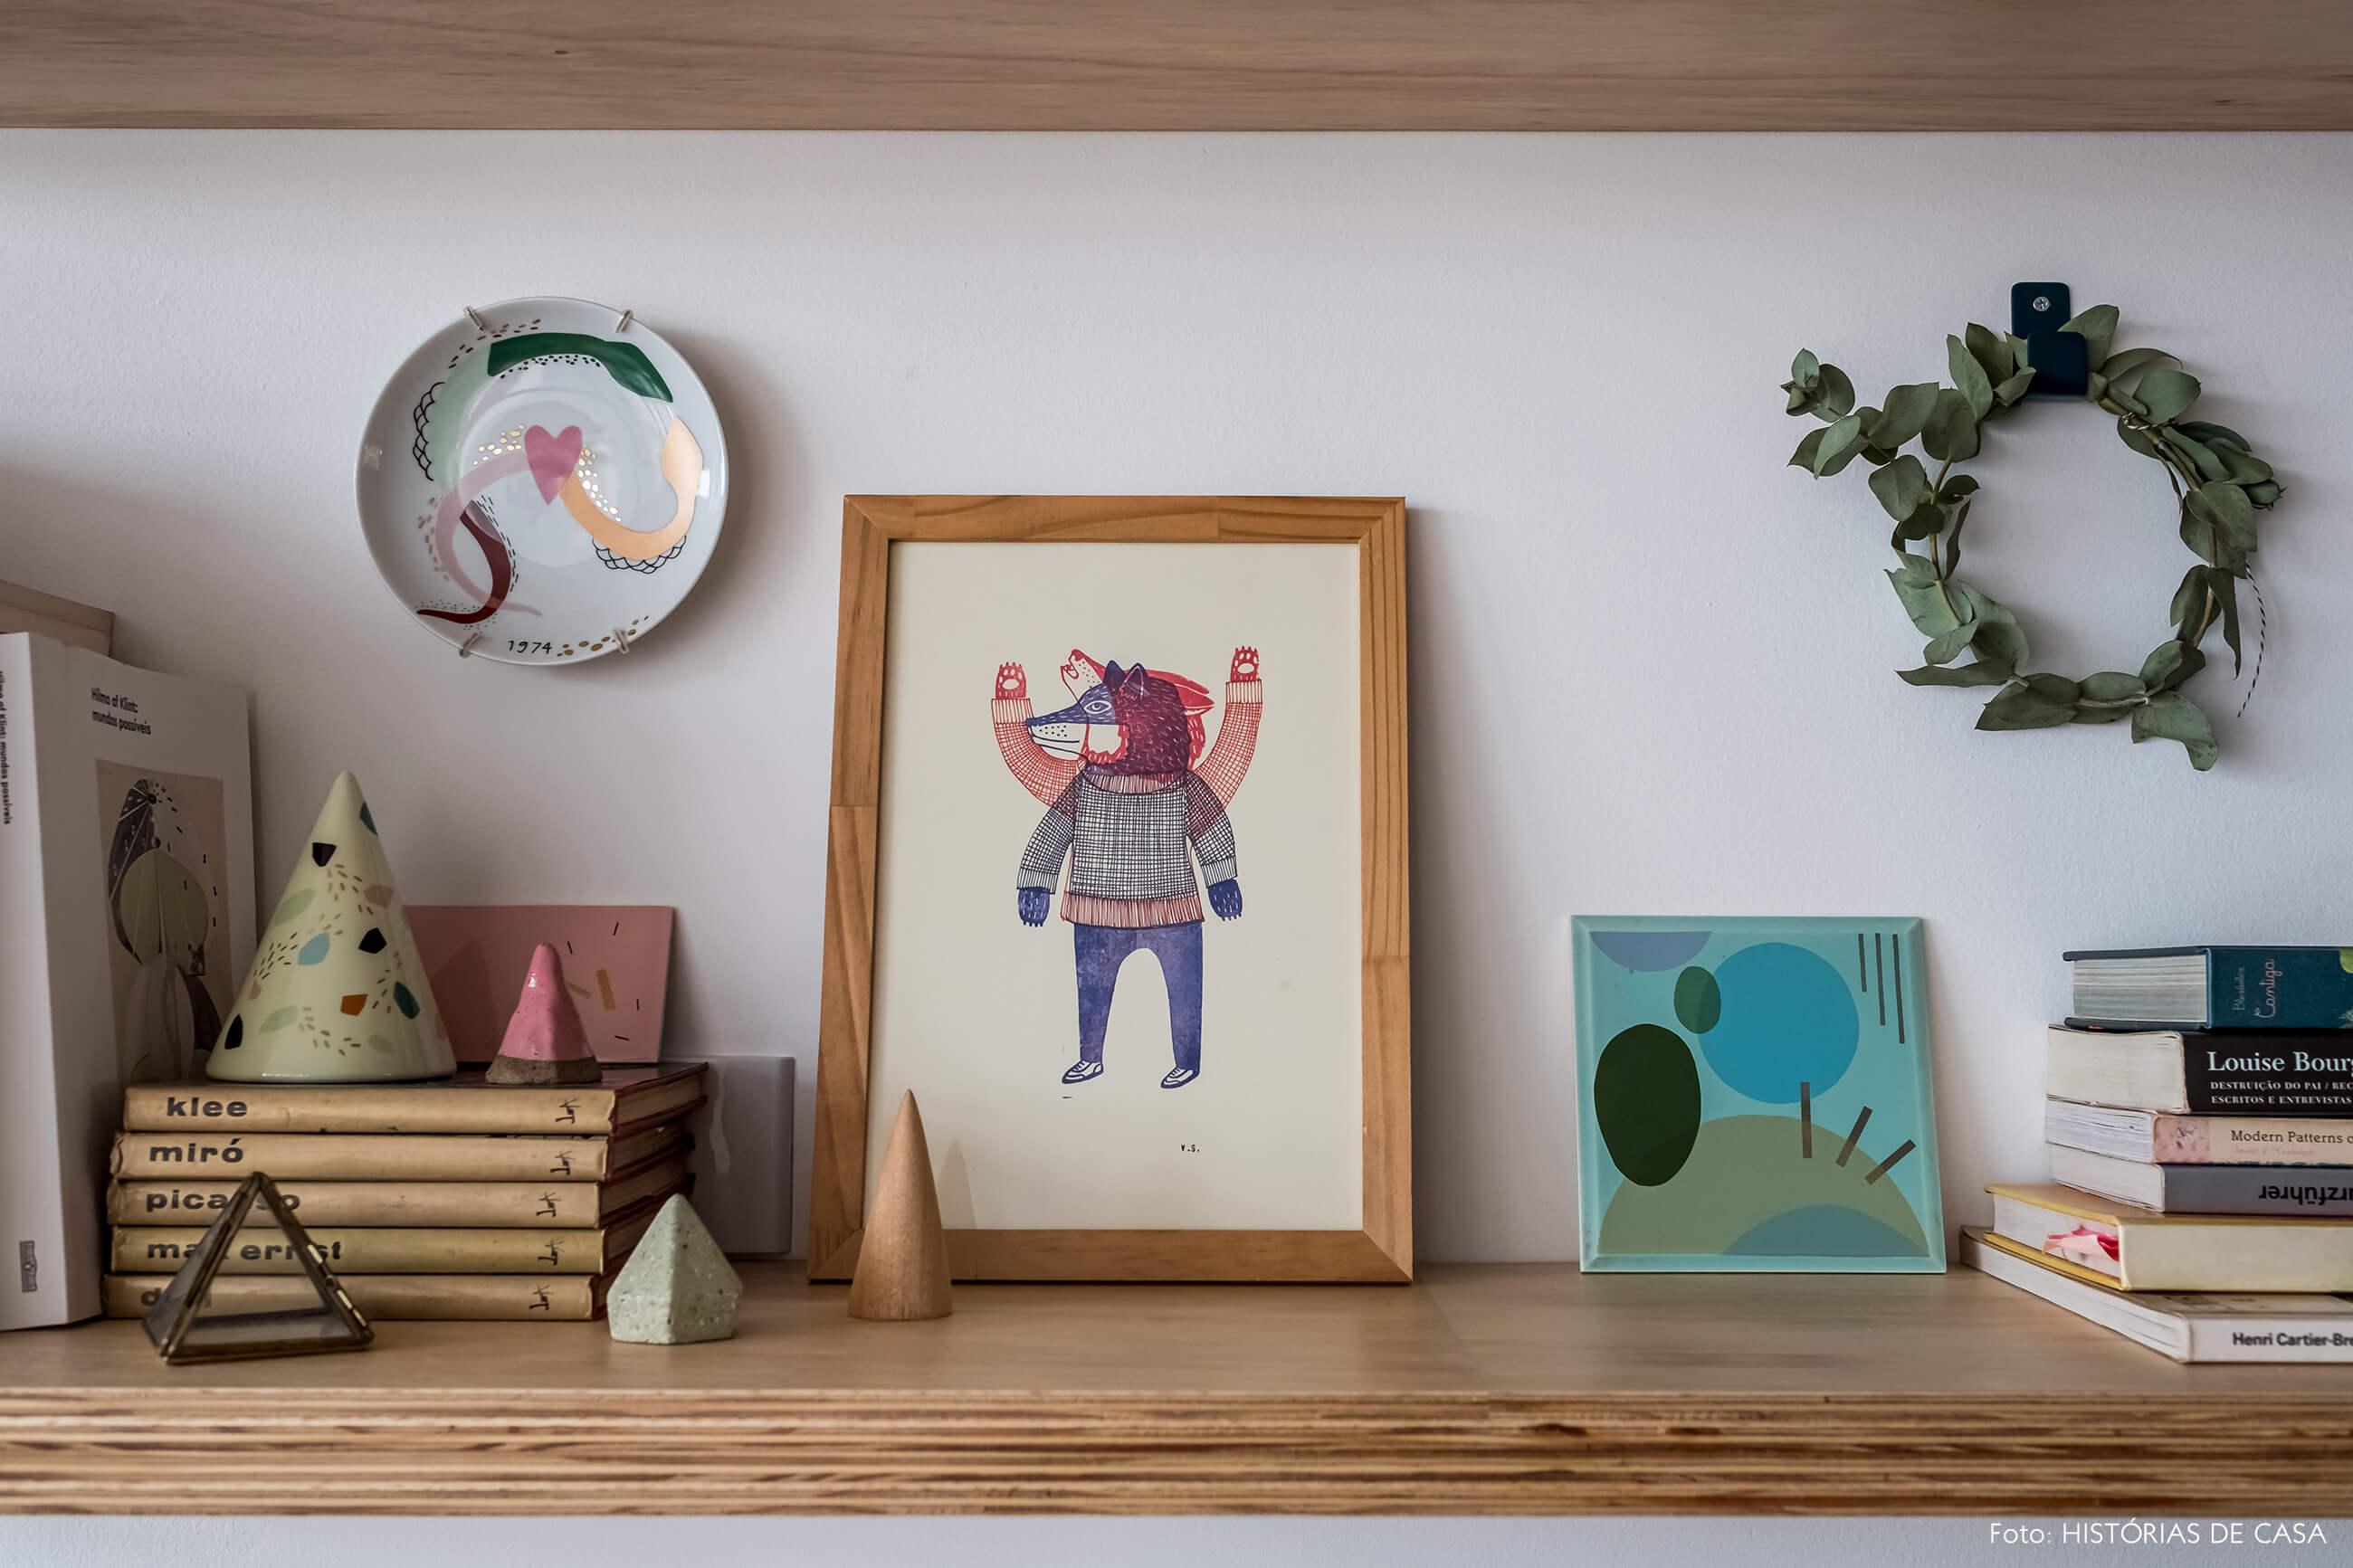 Prateleira de madeira com objetos afetivos